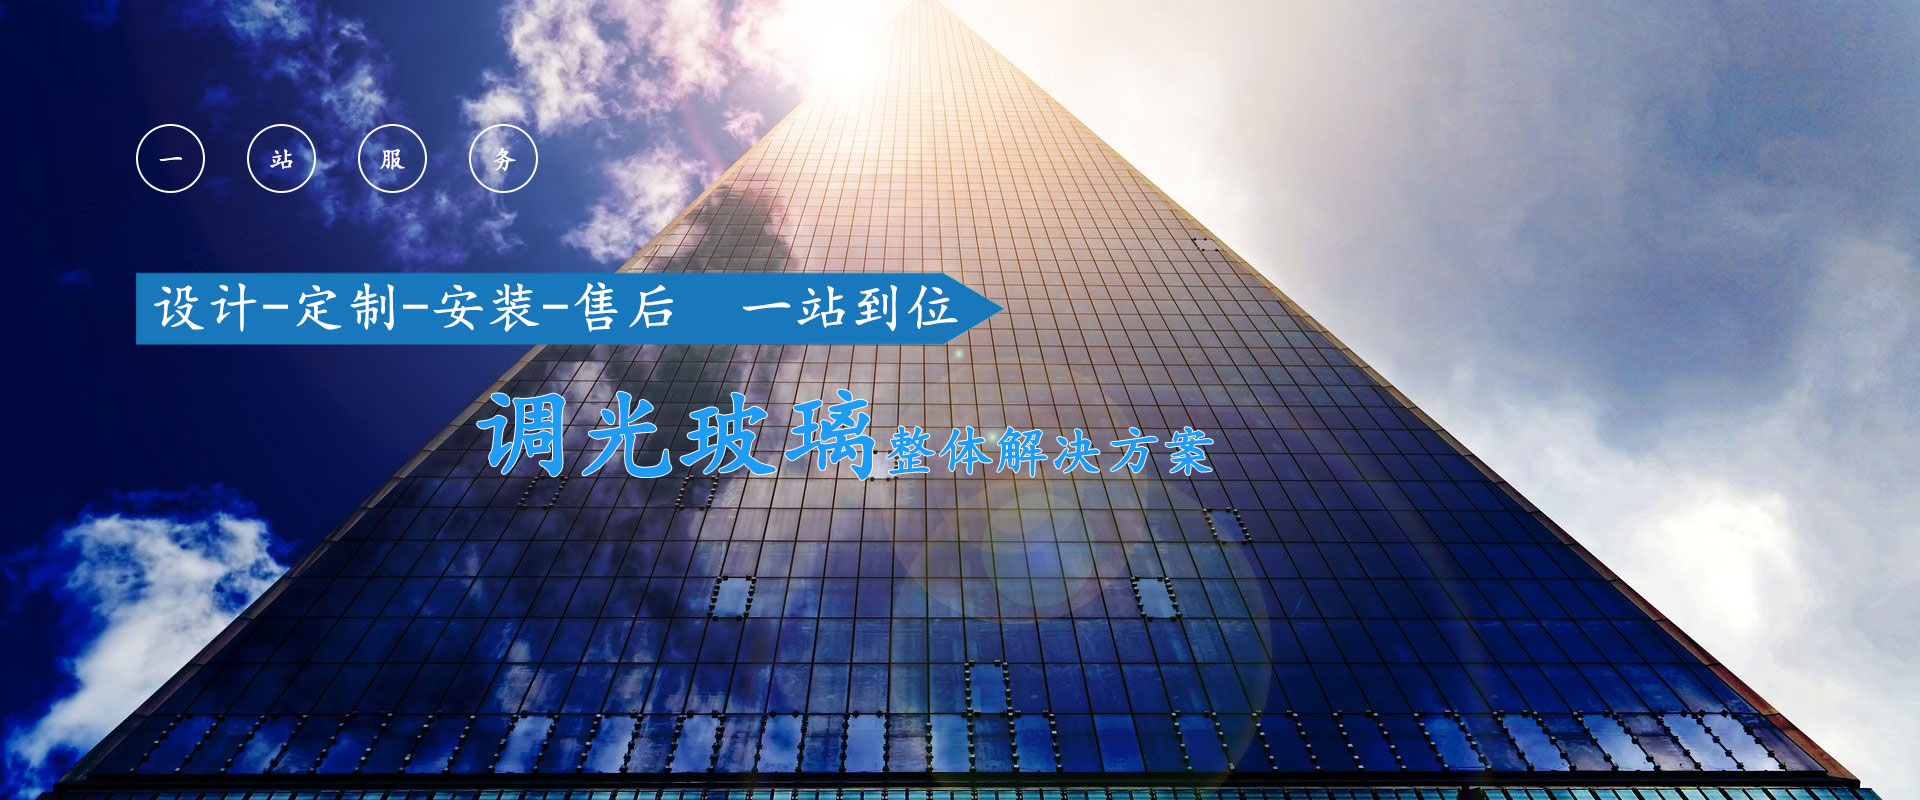 云南智玻工贸有限公司